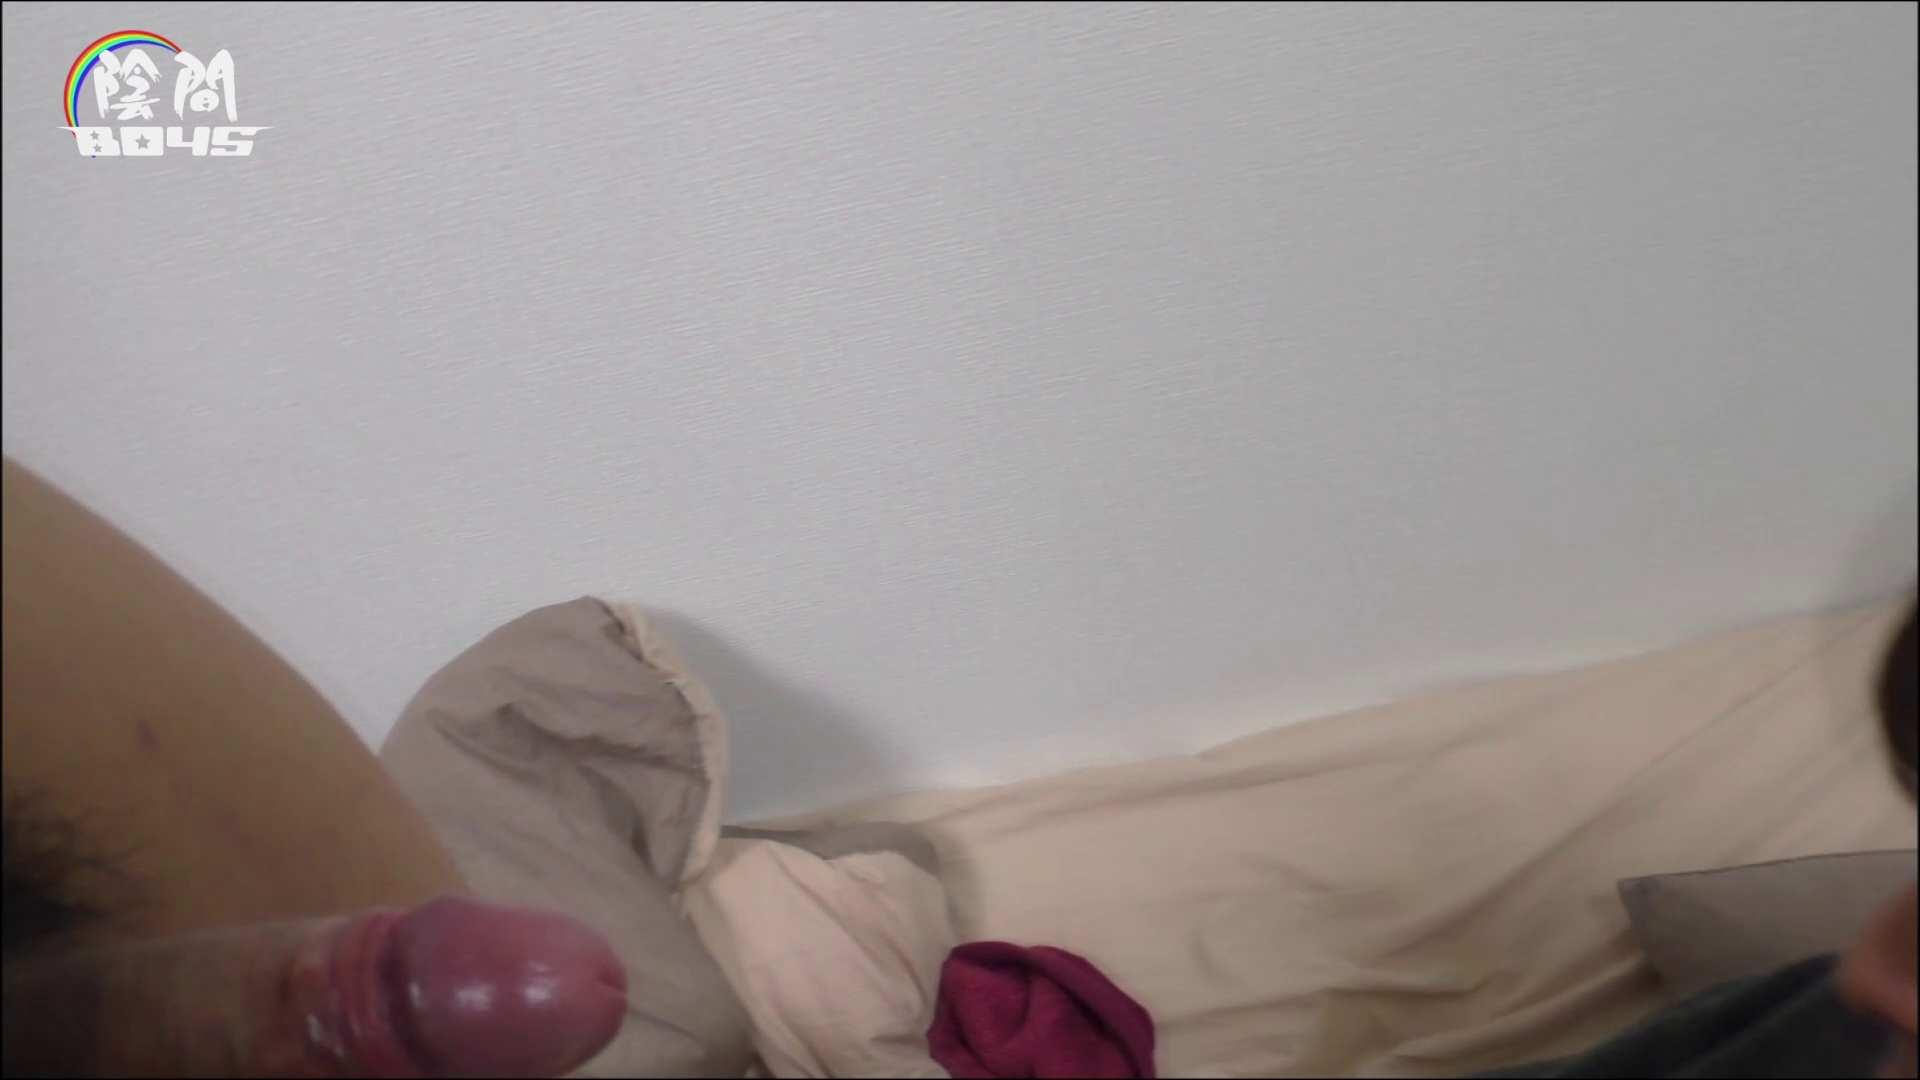 アナルは決して眠らない No.05 ゲイのオナニー映像  89枚 20